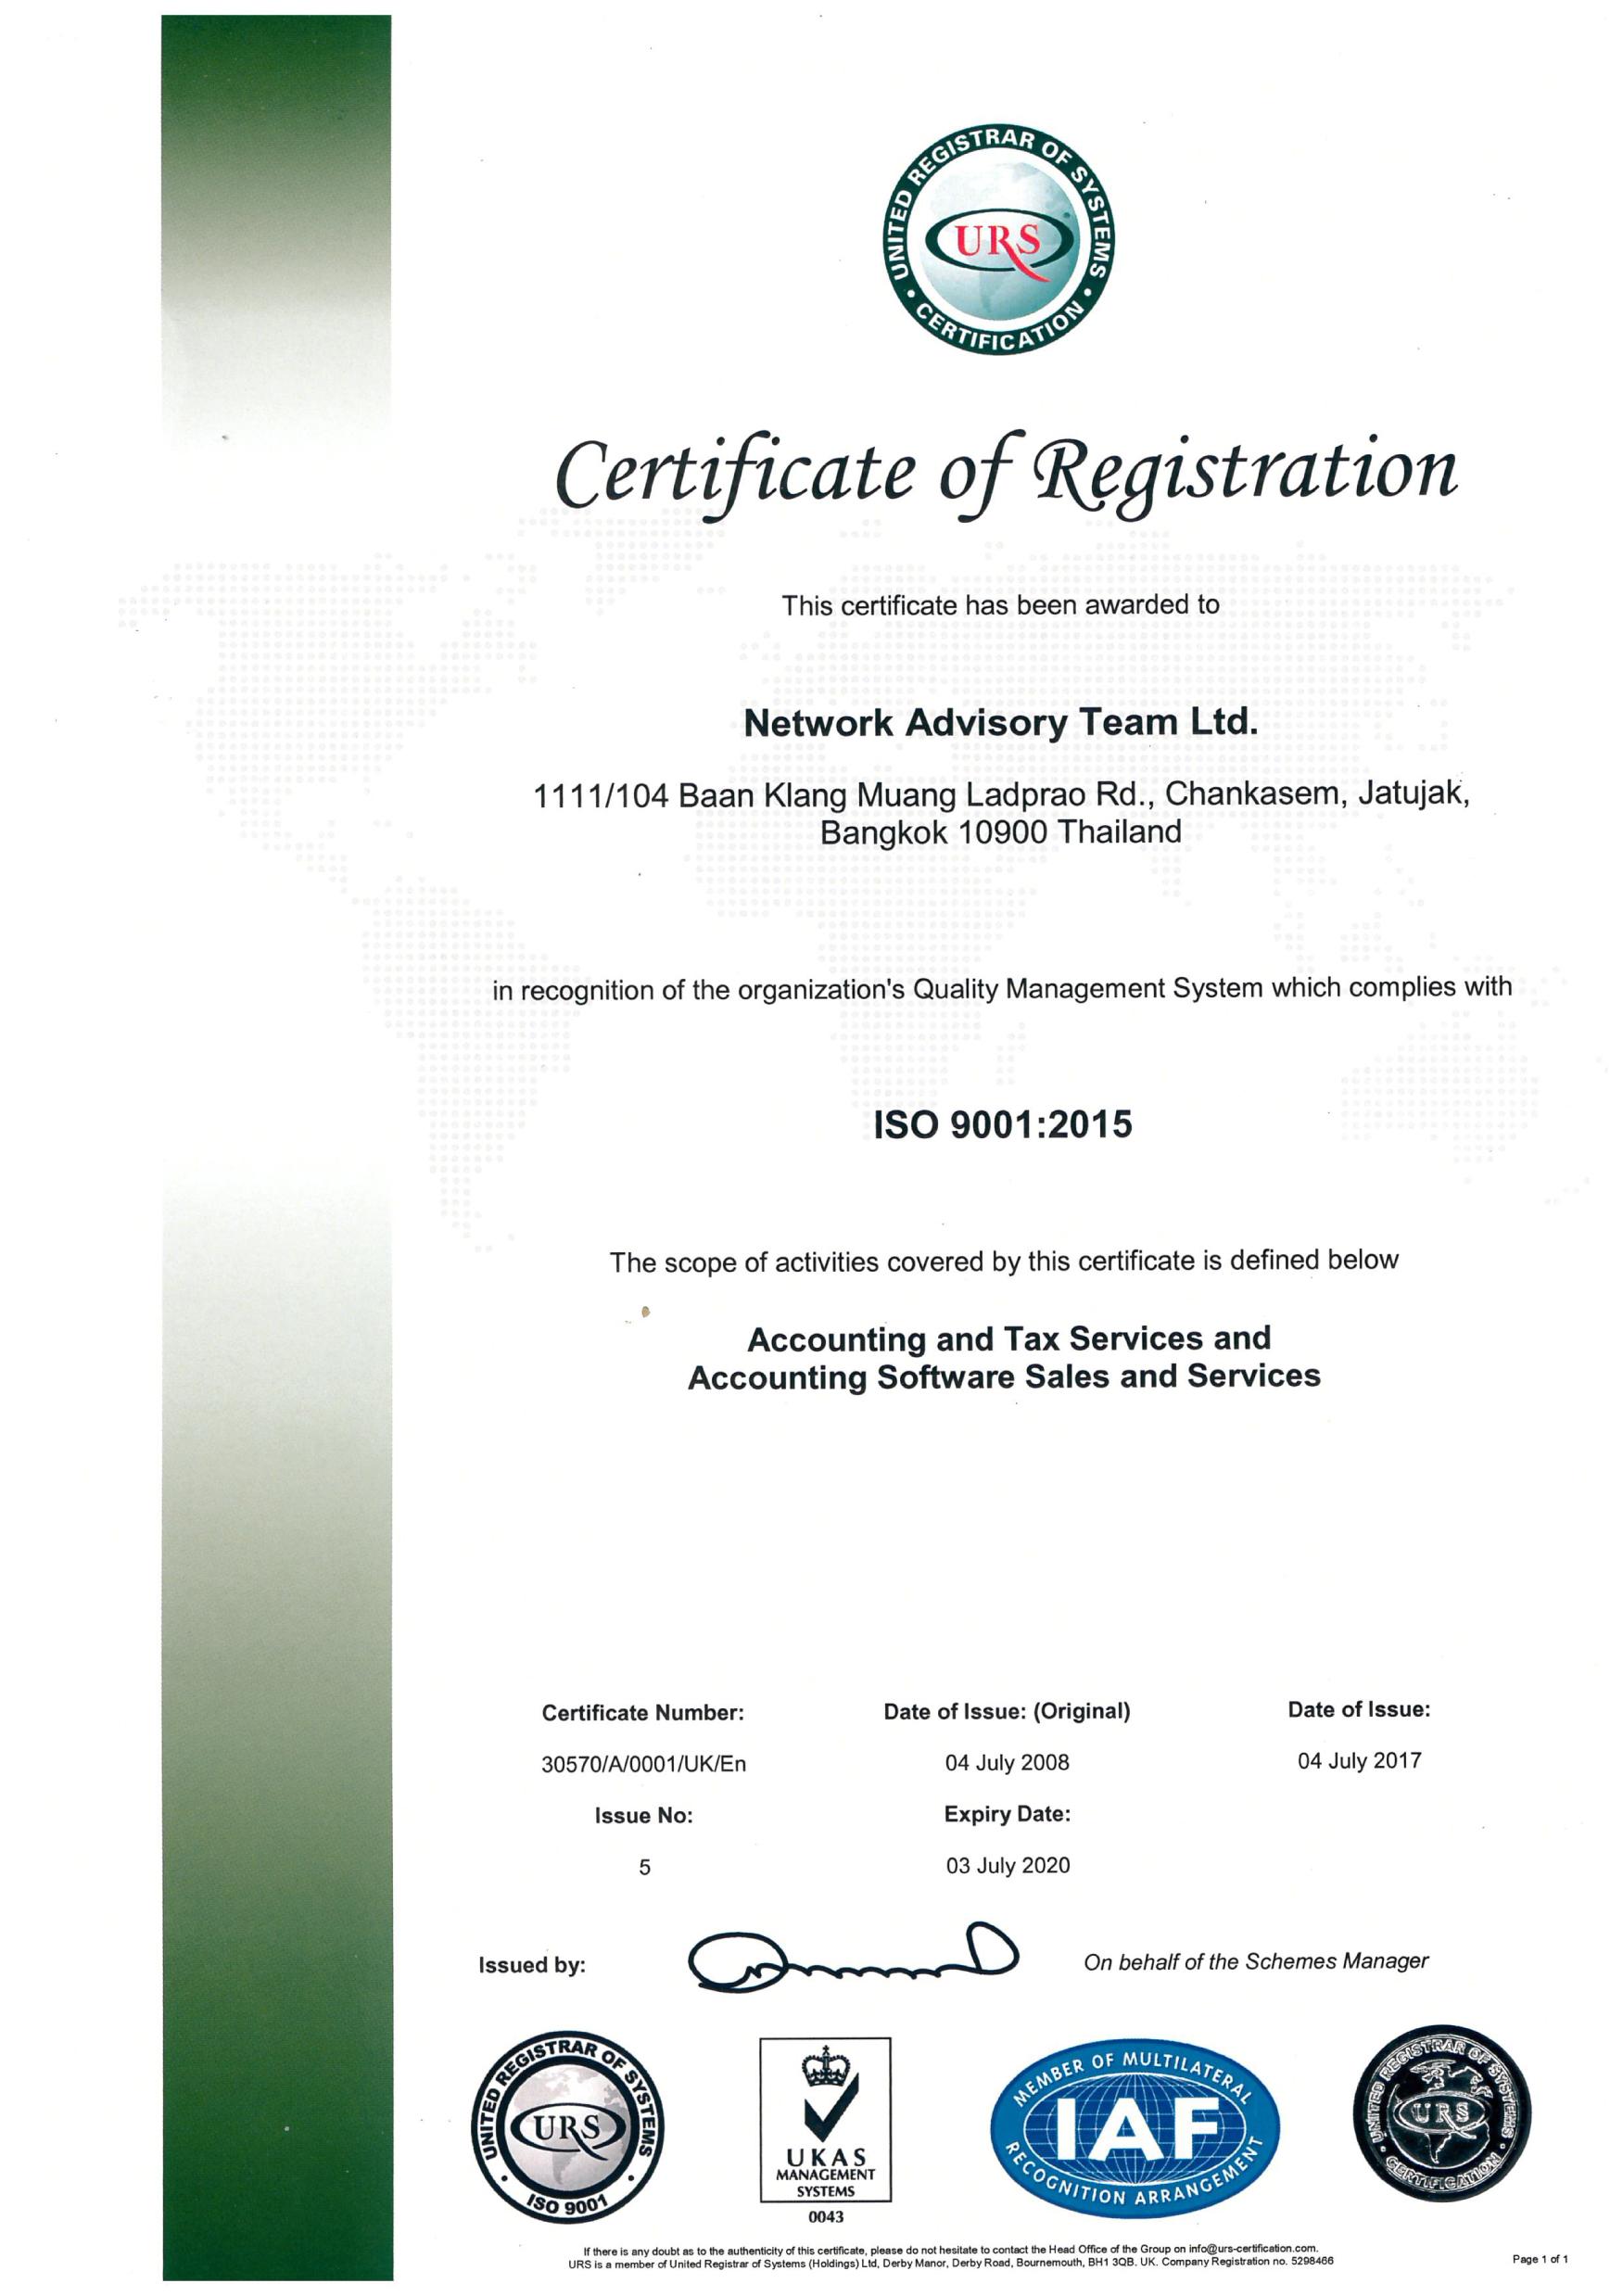 NAT BKK ISO 9001:2015 Certificate